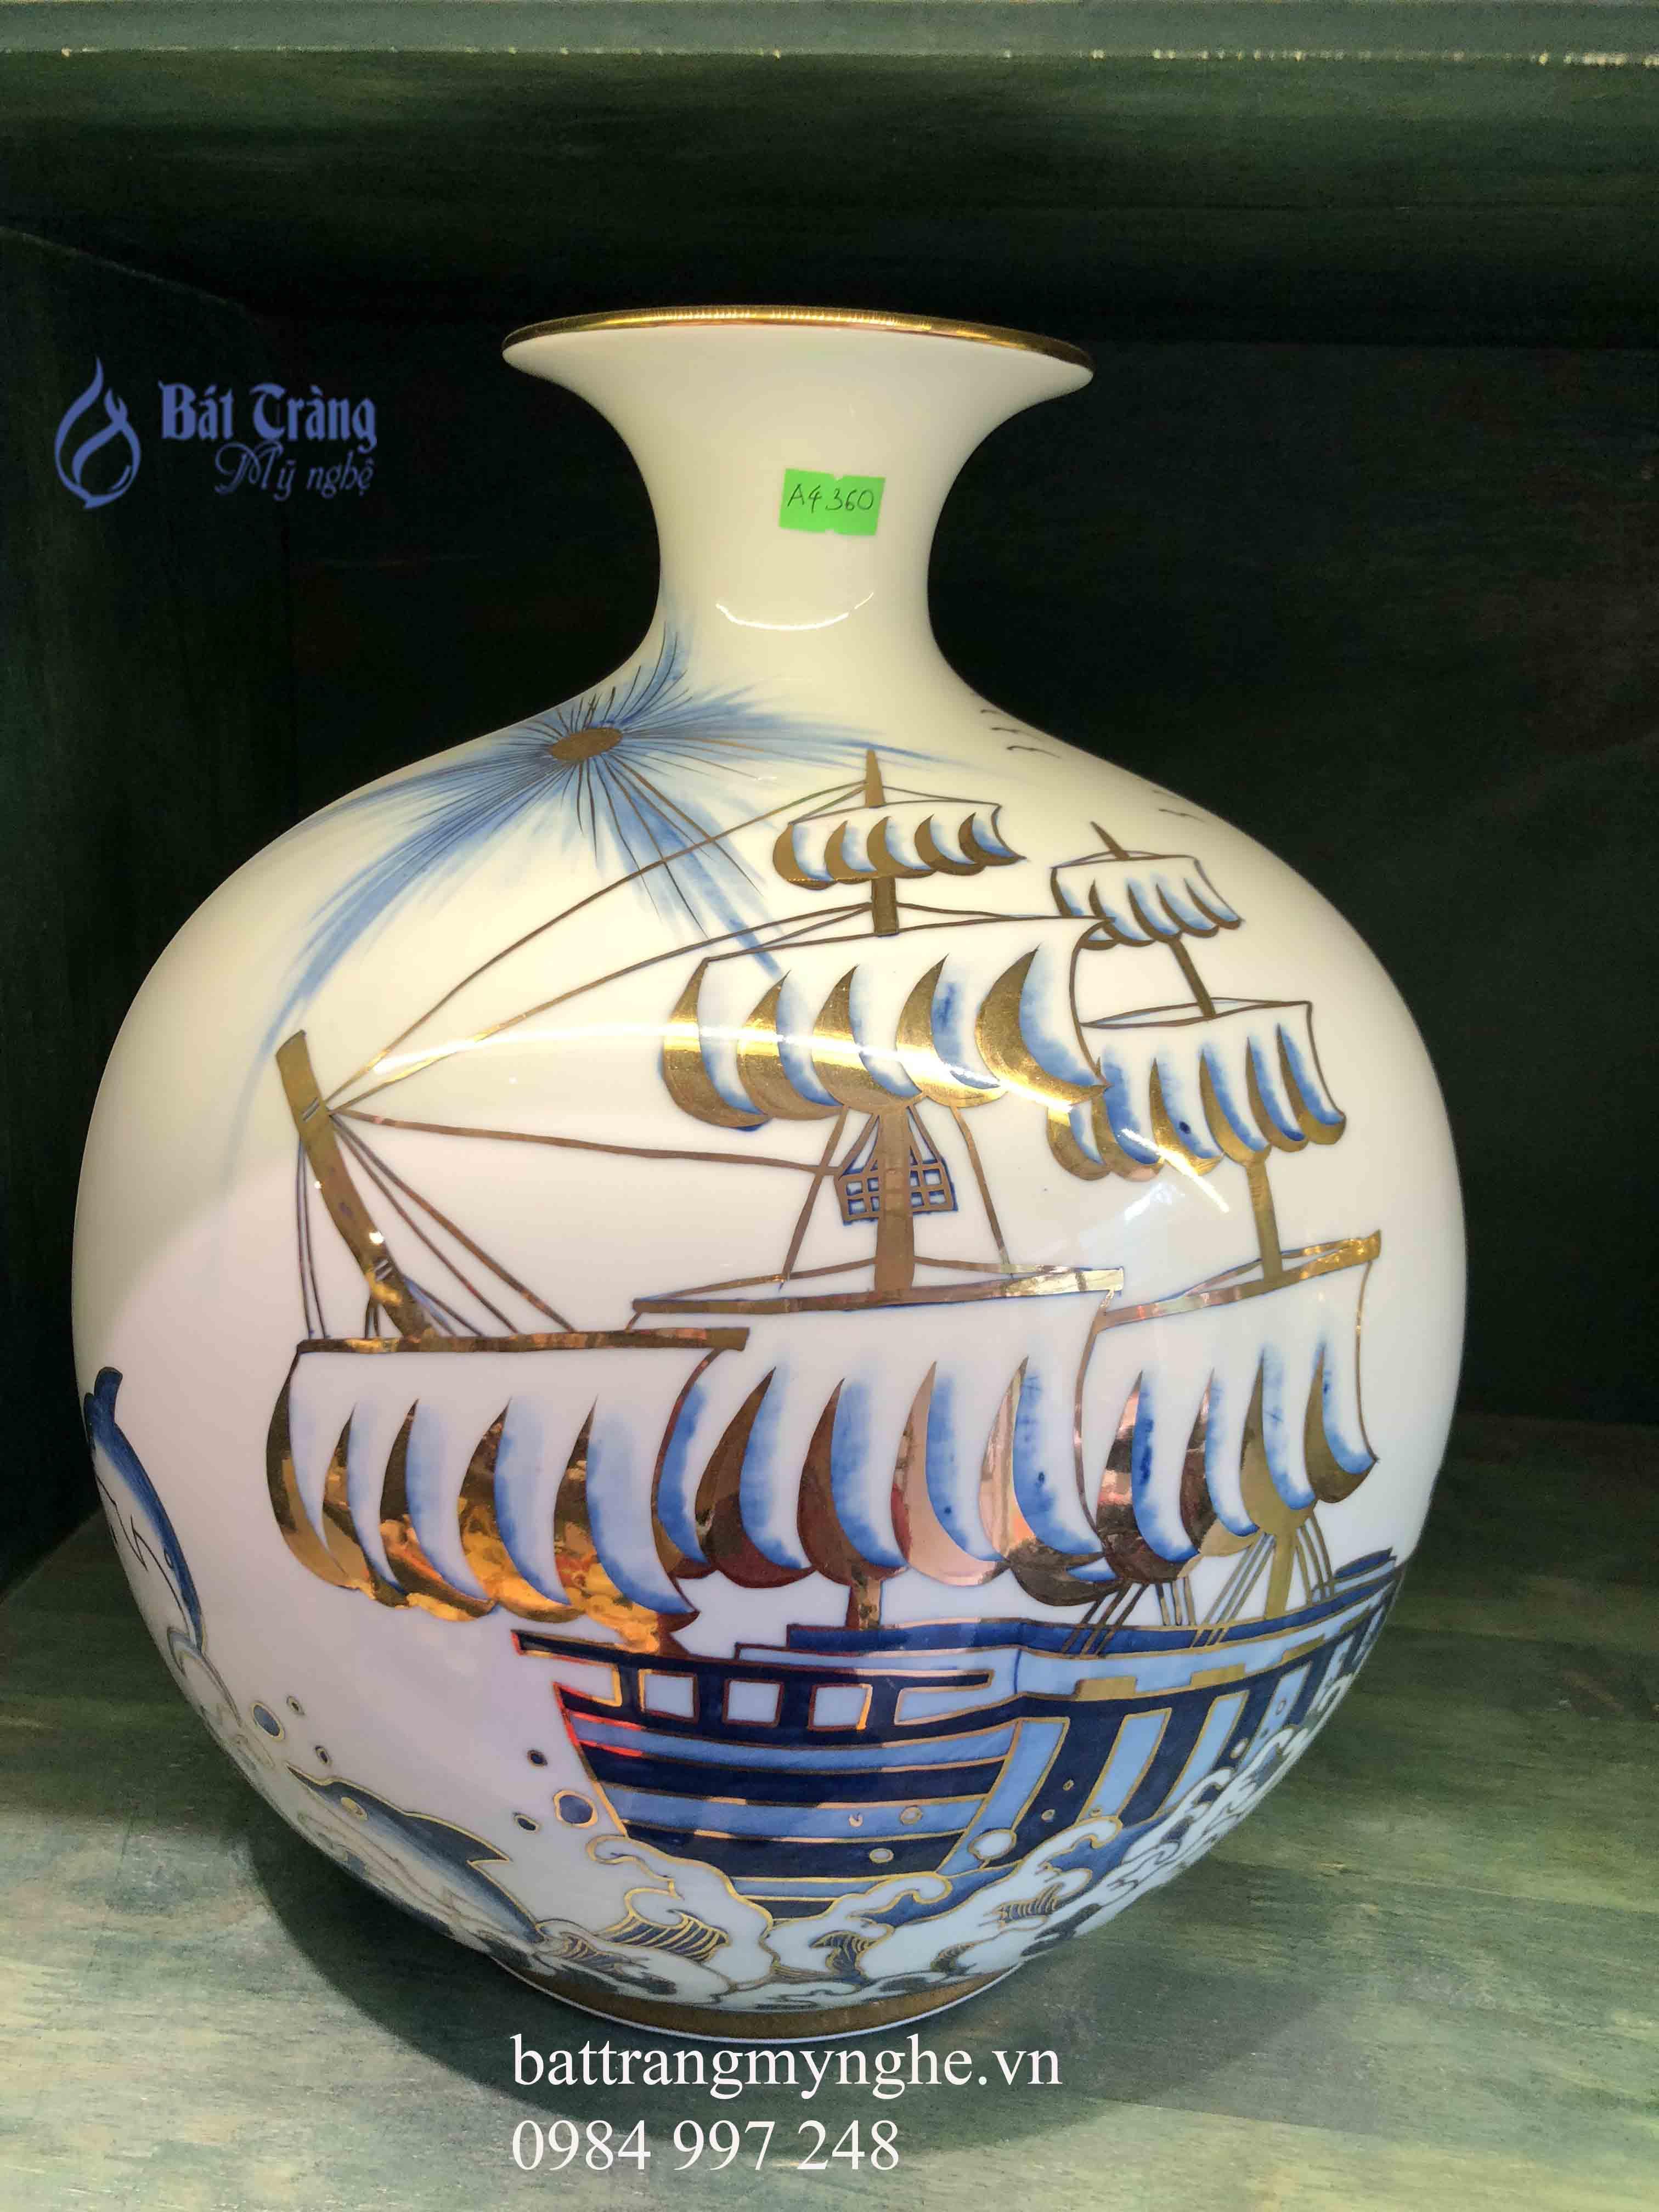 Bình hút tài lộc vẽ thuyền buồm ra khơi cao 30cm